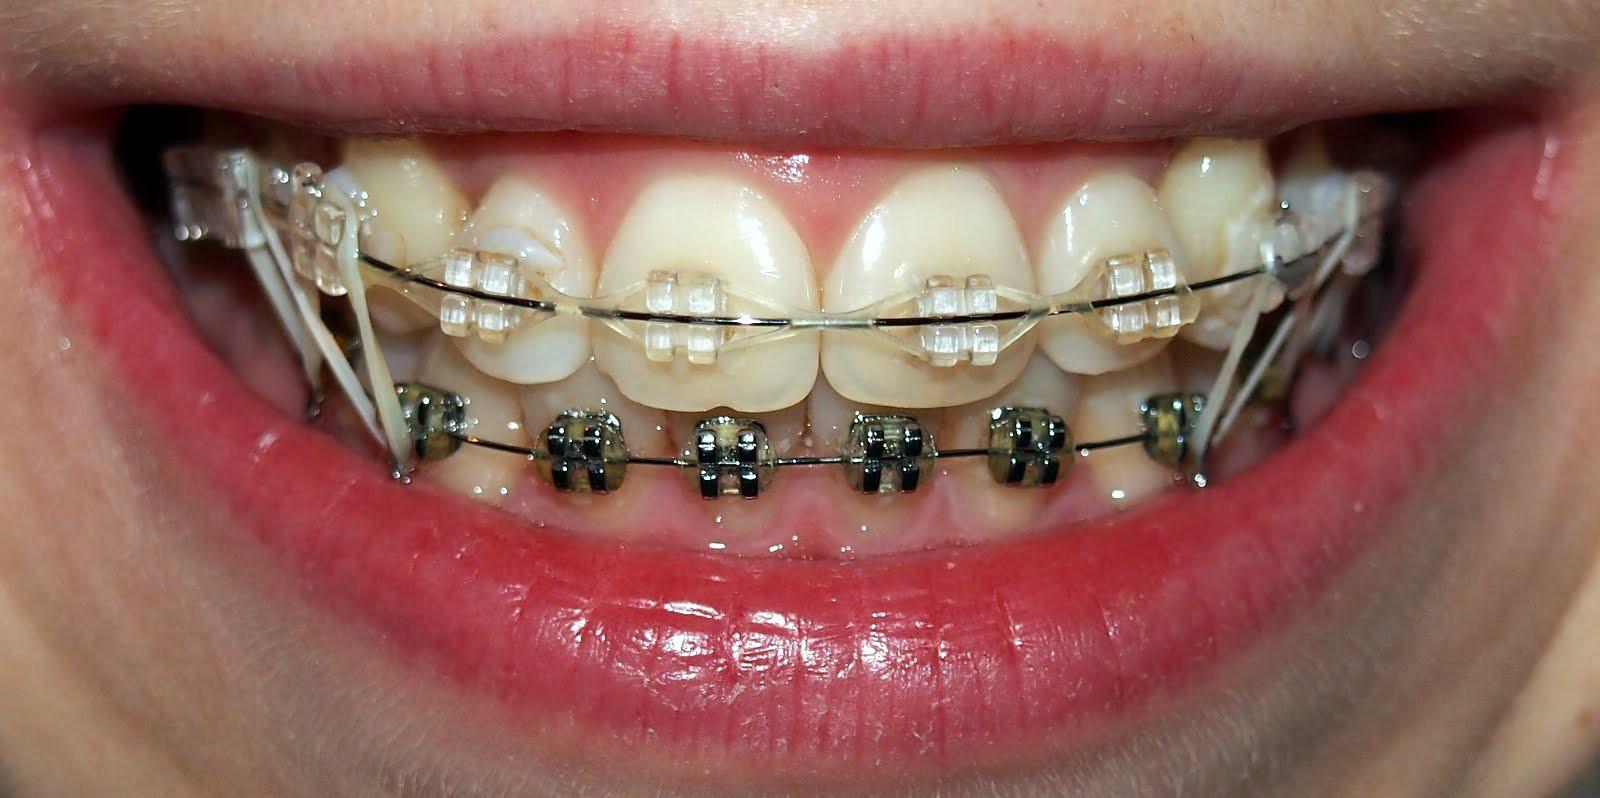 Это должен знать каждый, кто выравнивает зубы: что делать если брекет отклеился от зуба или натирает